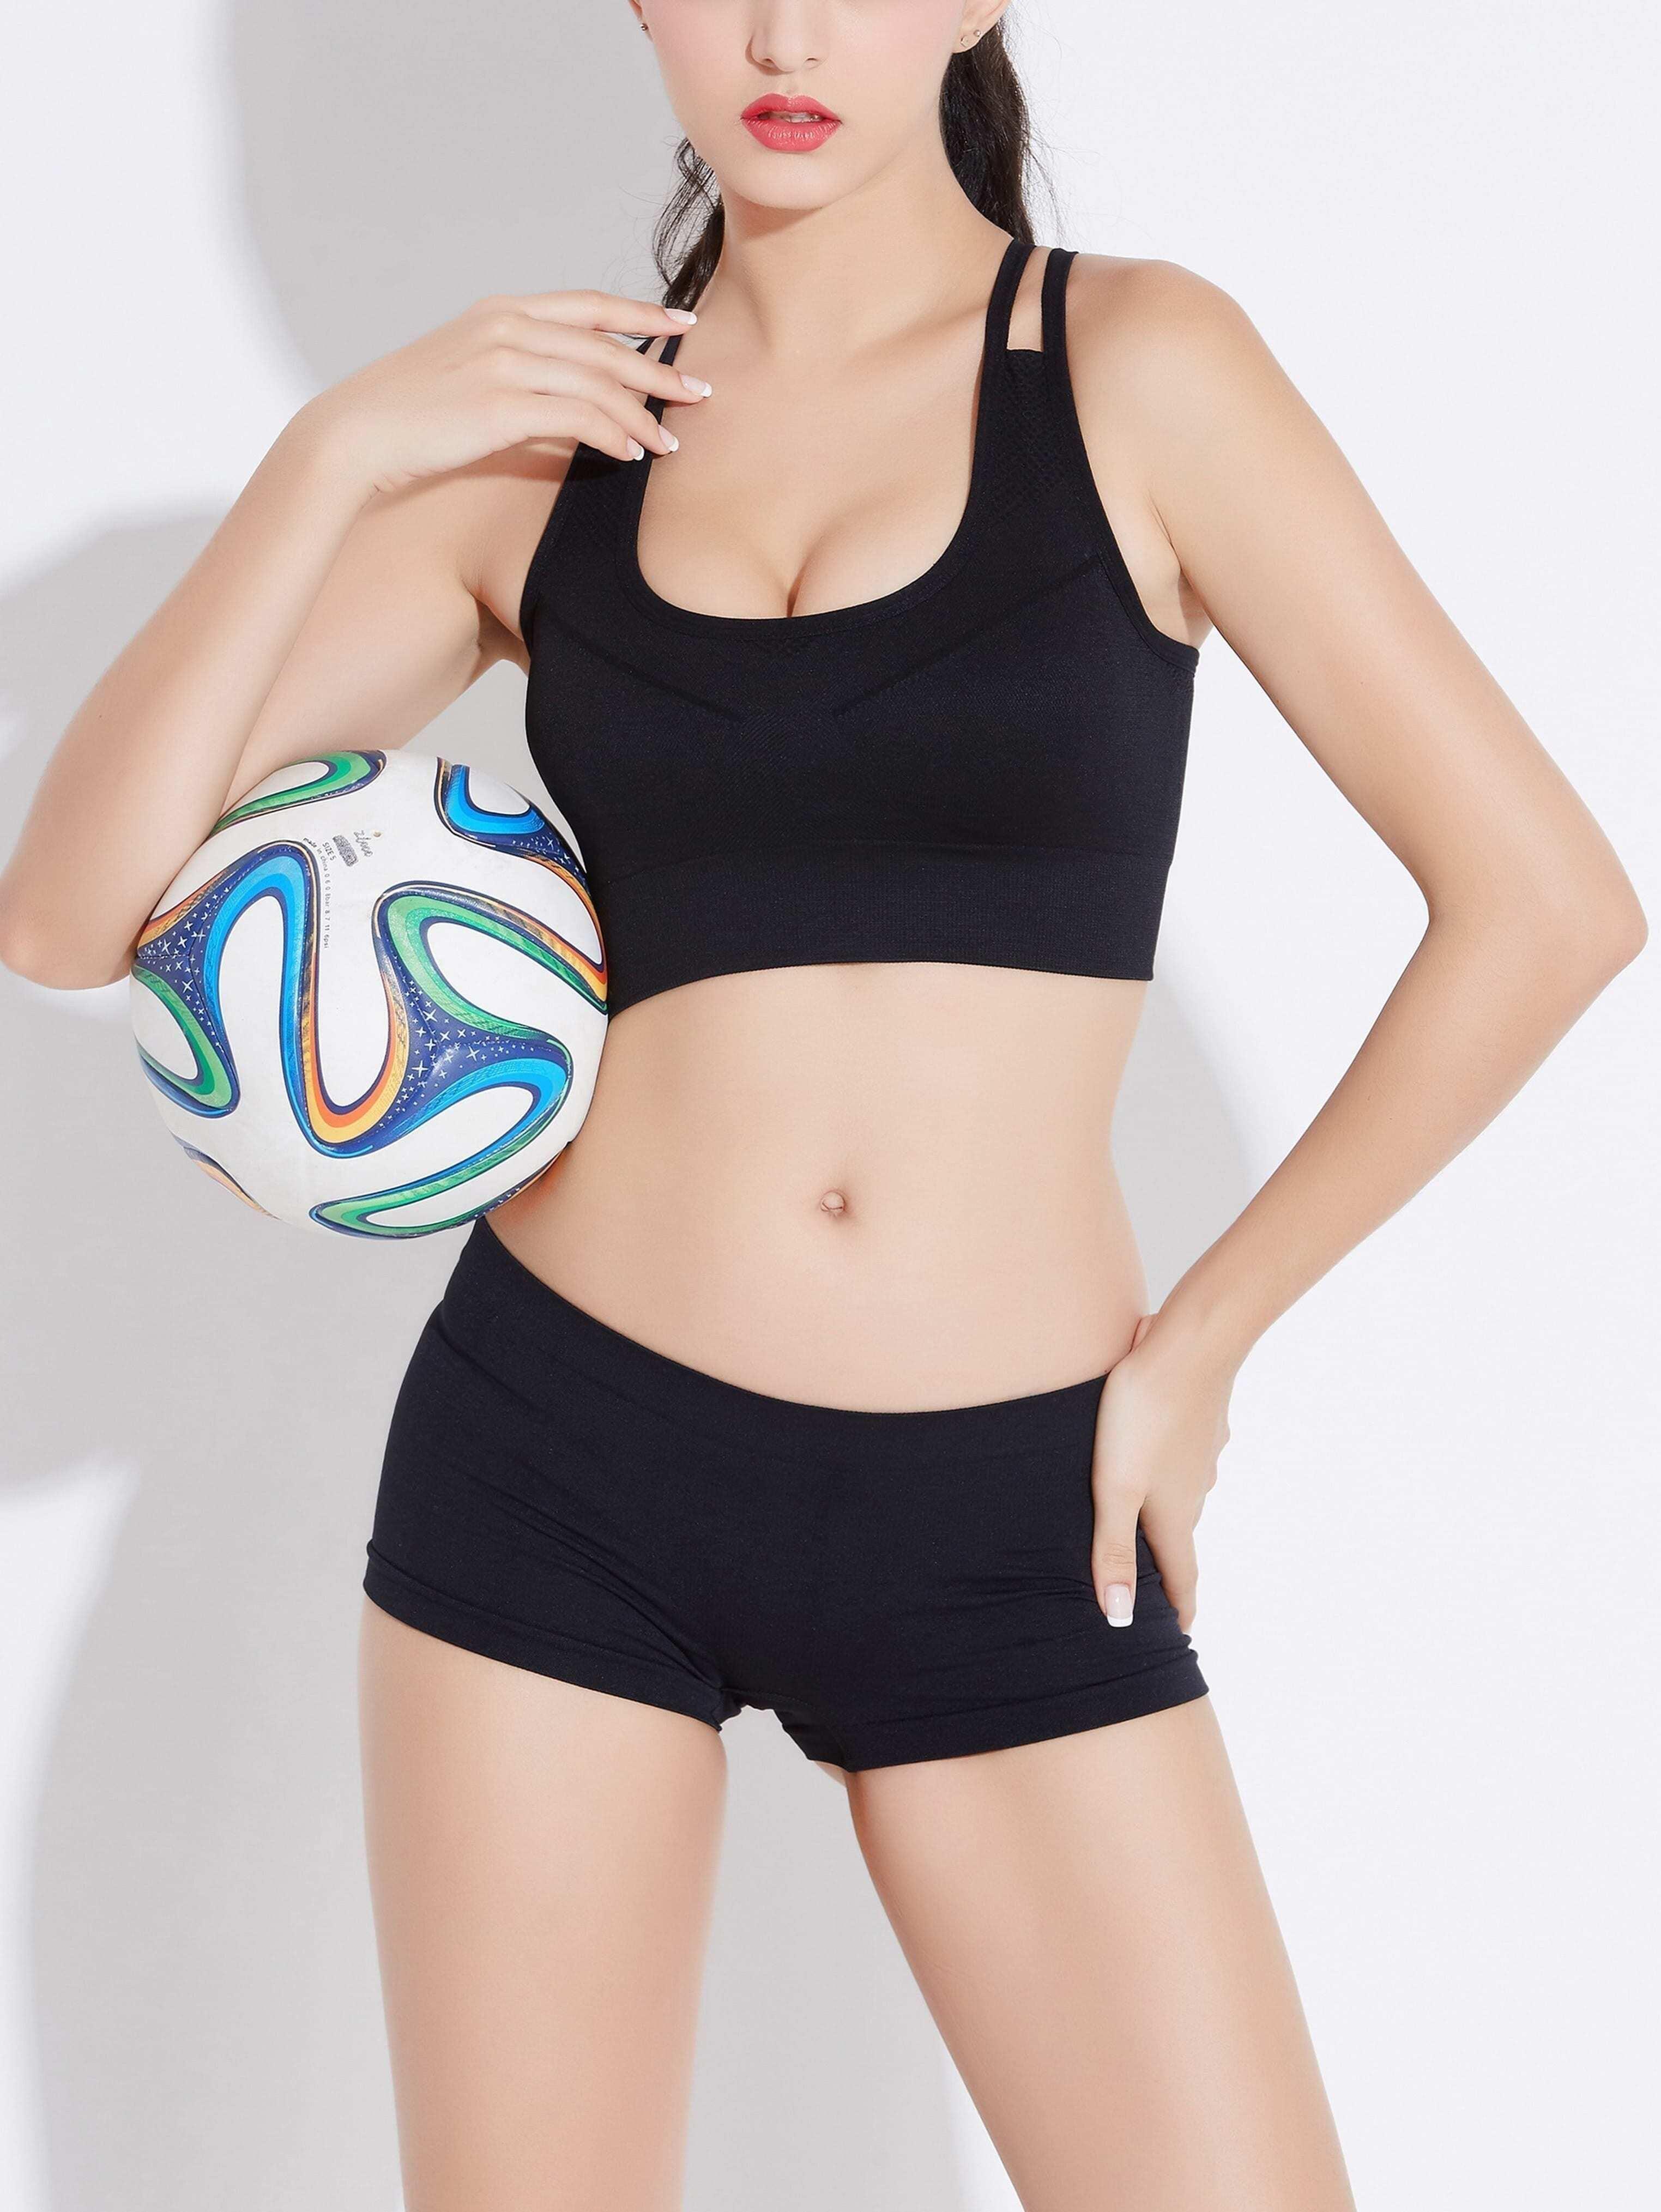 Модный спортивный бюстгальтер